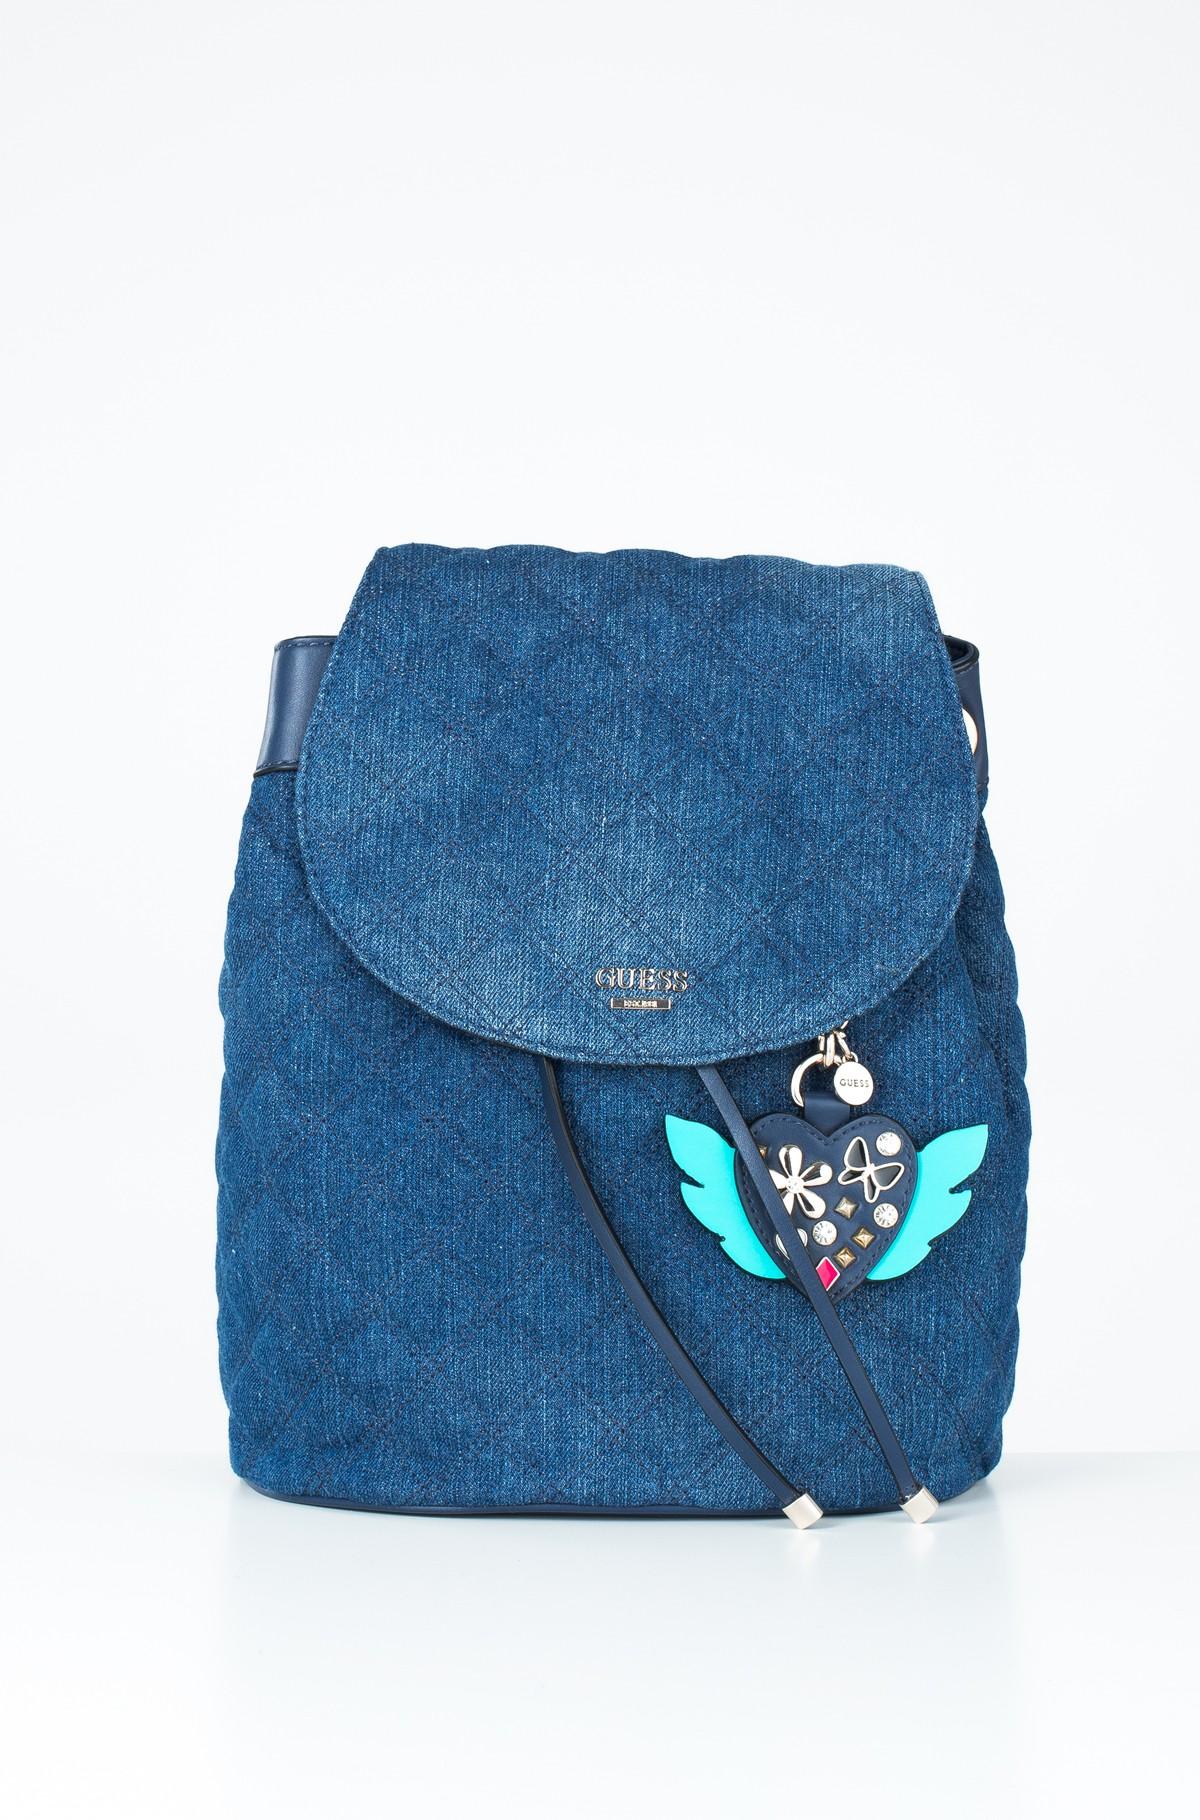 Backbag HWED66 85320-full-1